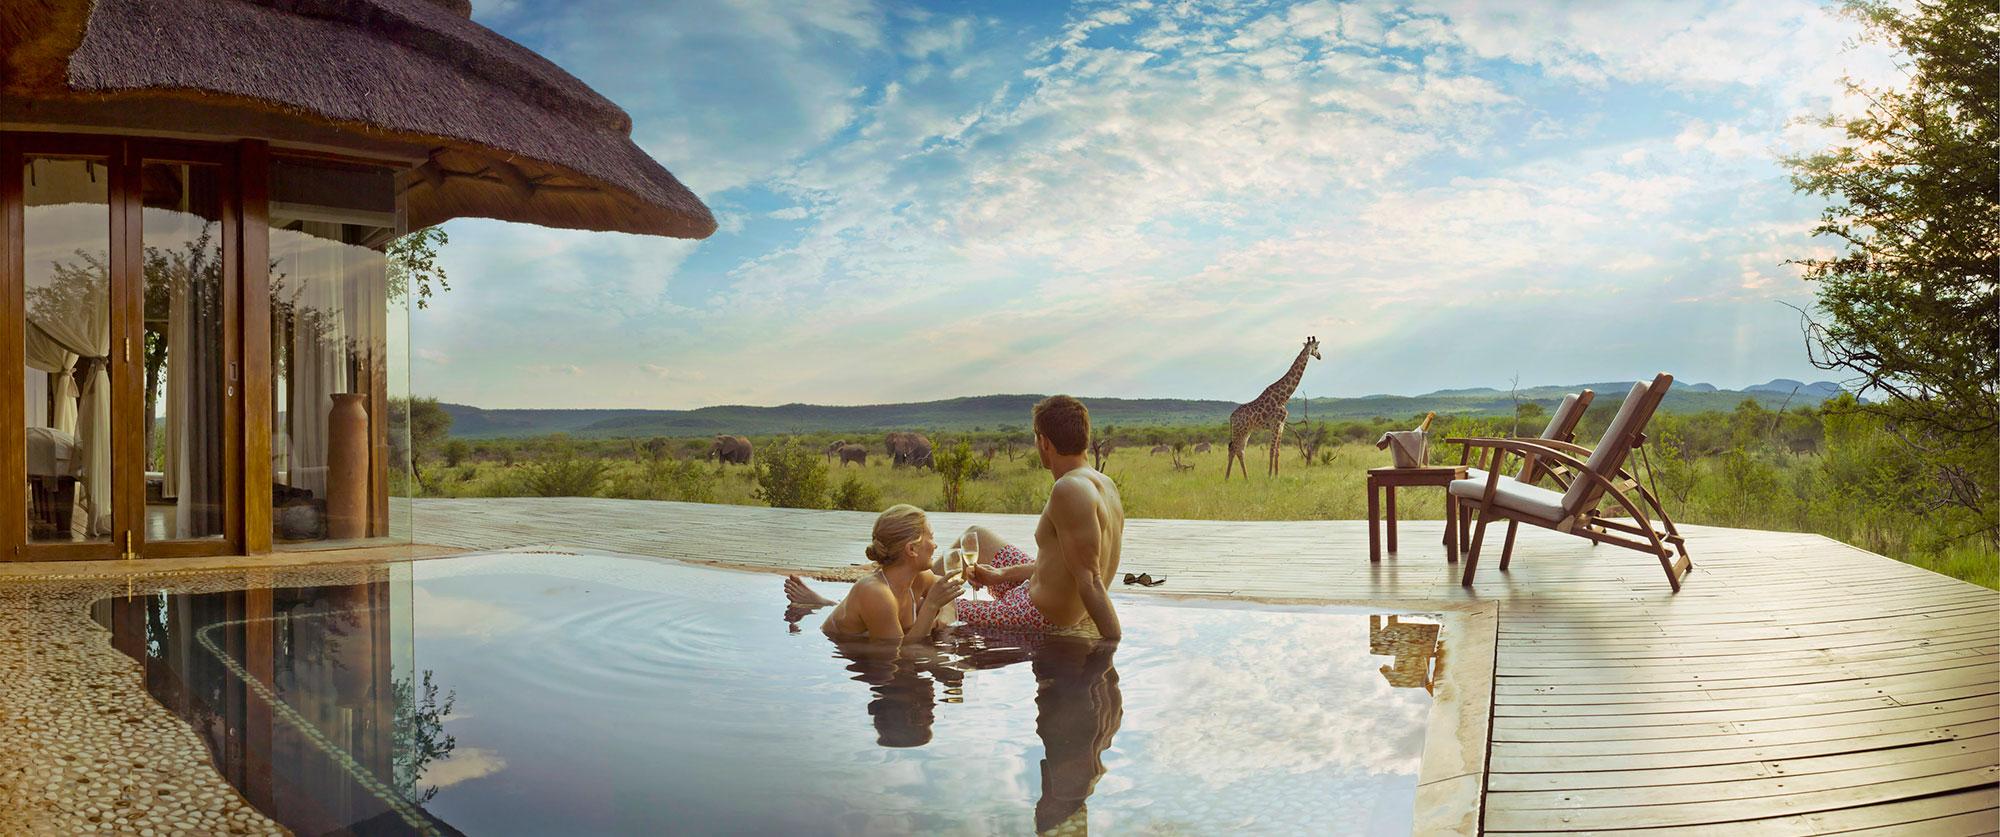 Top 7 Most Romantic Vacation Destinations